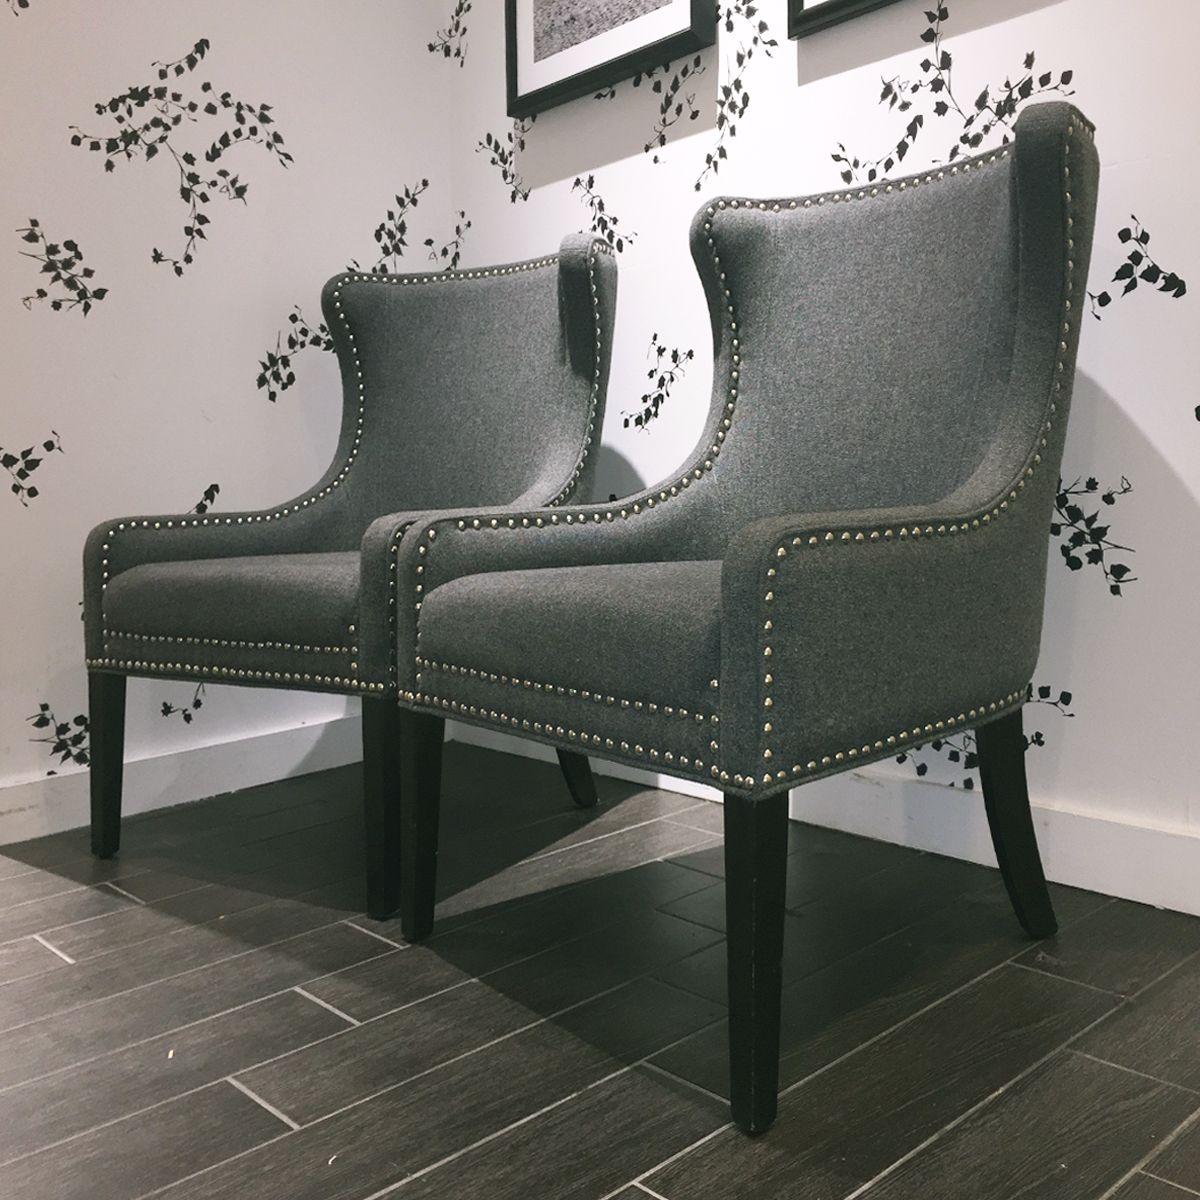 b7189b4c4455 Haz de cada rincón un espacio elegante con nuestros muebles. Diseños  elegantes y únicos que